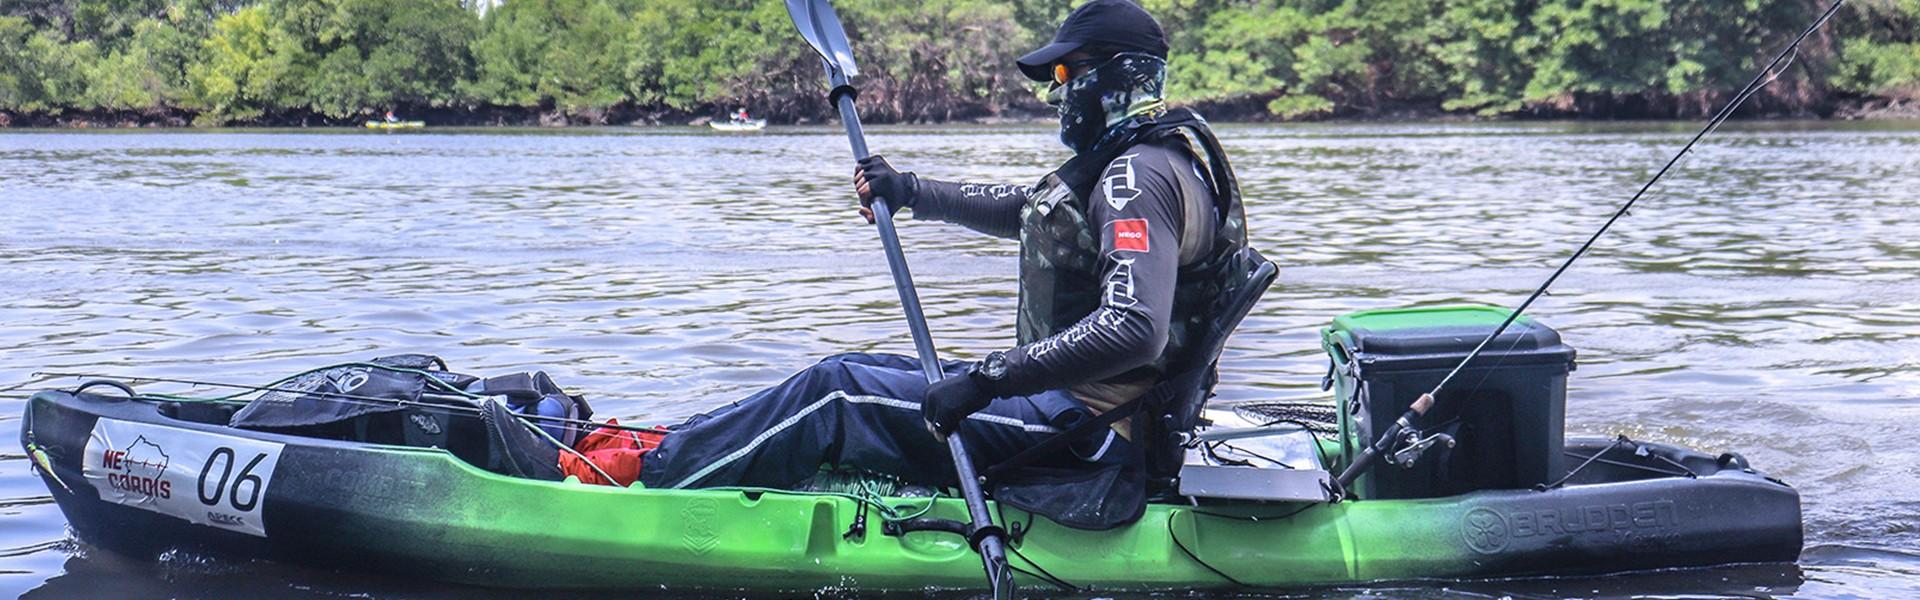 Pesca de caiaque vem ganhando adeptos com o Remos e Rumos